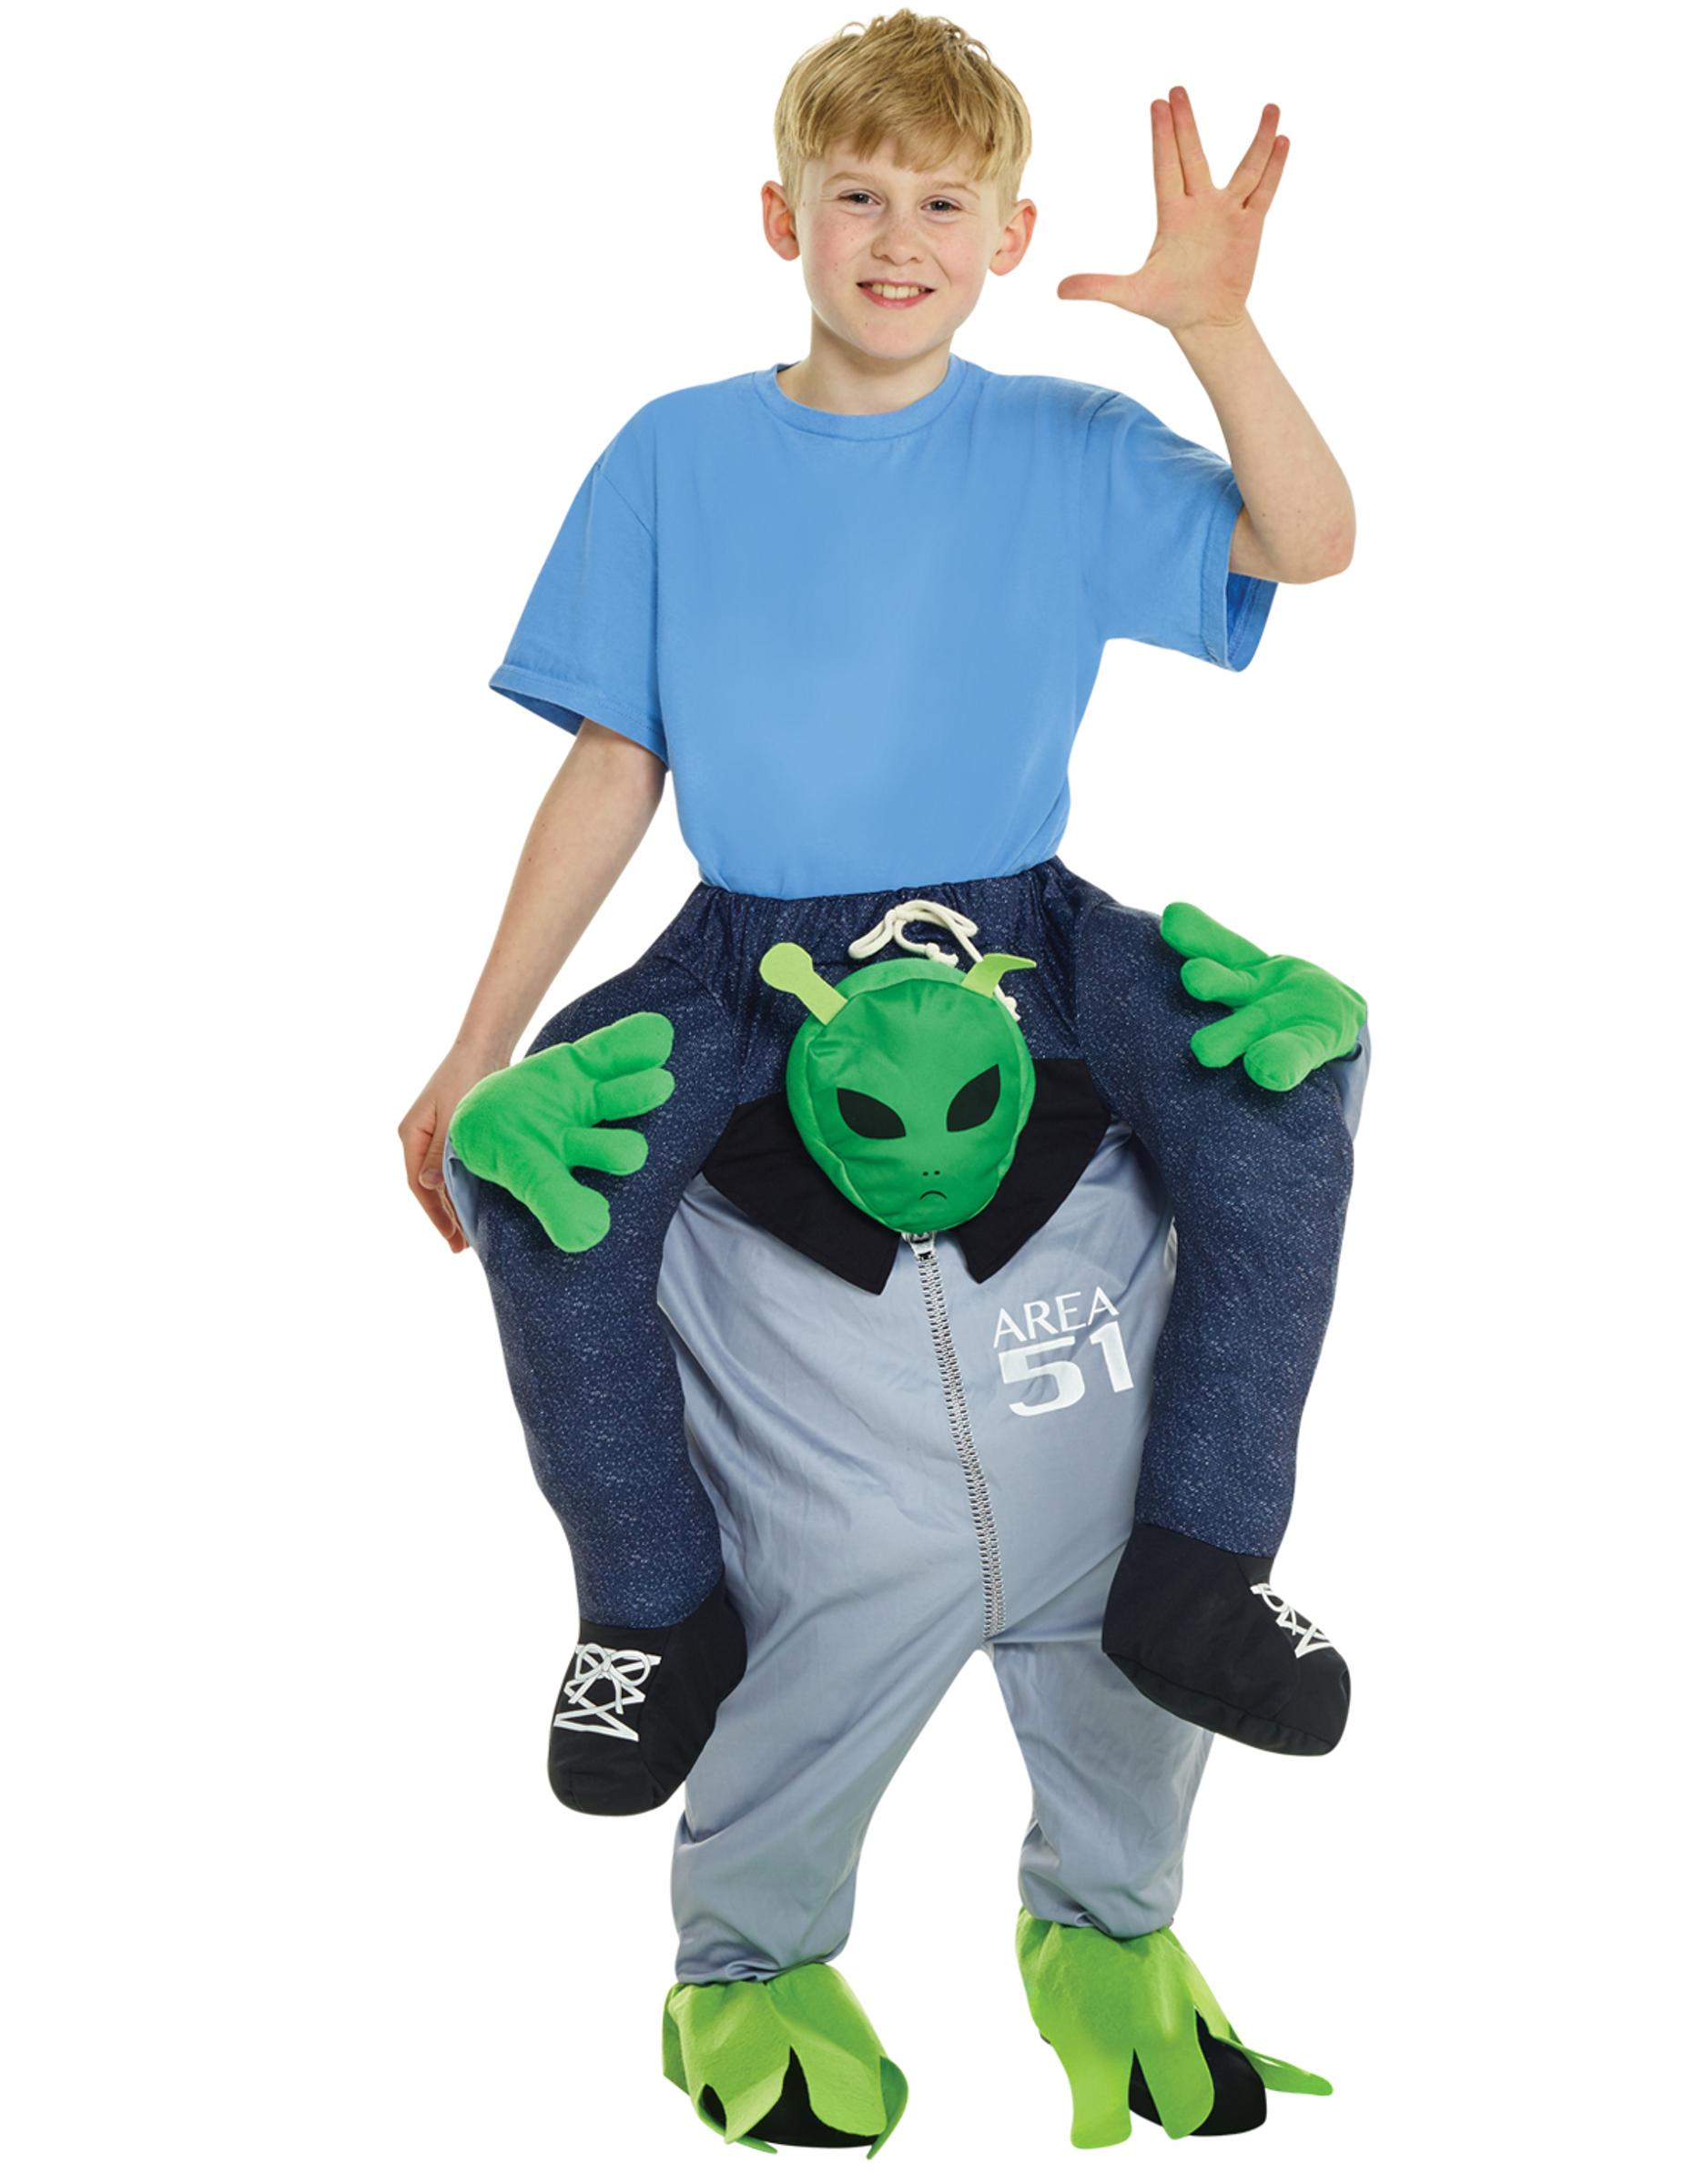 d guisement homme dos d 39 alien enfant deguise toi achat de d guisements enfants. Black Bedroom Furniture Sets. Home Design Ideas